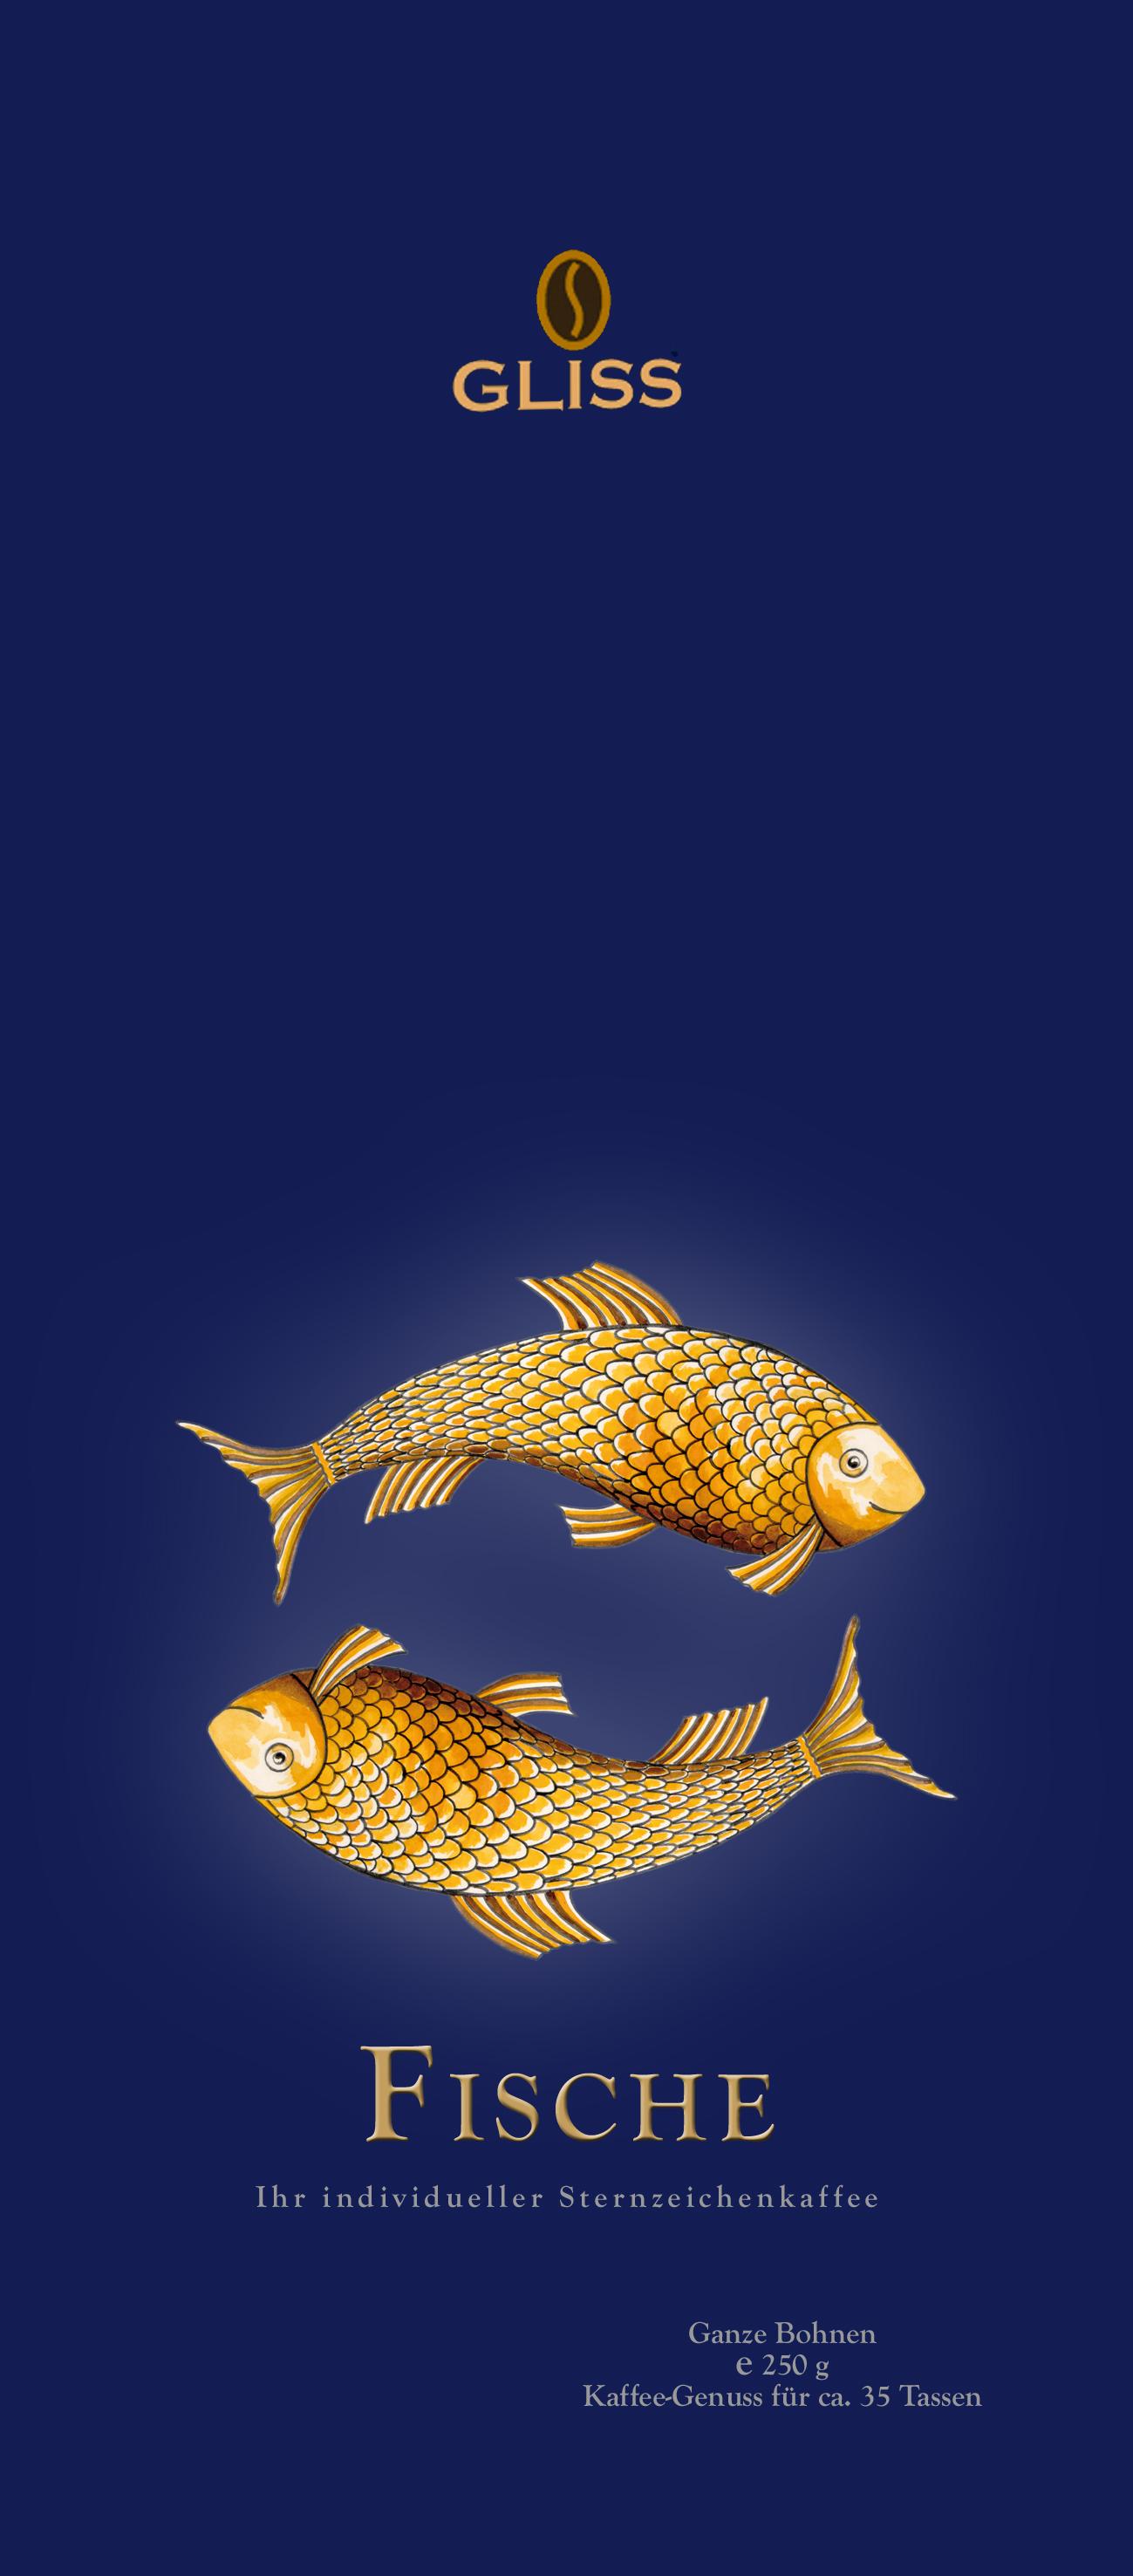 Sternzeichen-Kaffee   Fische